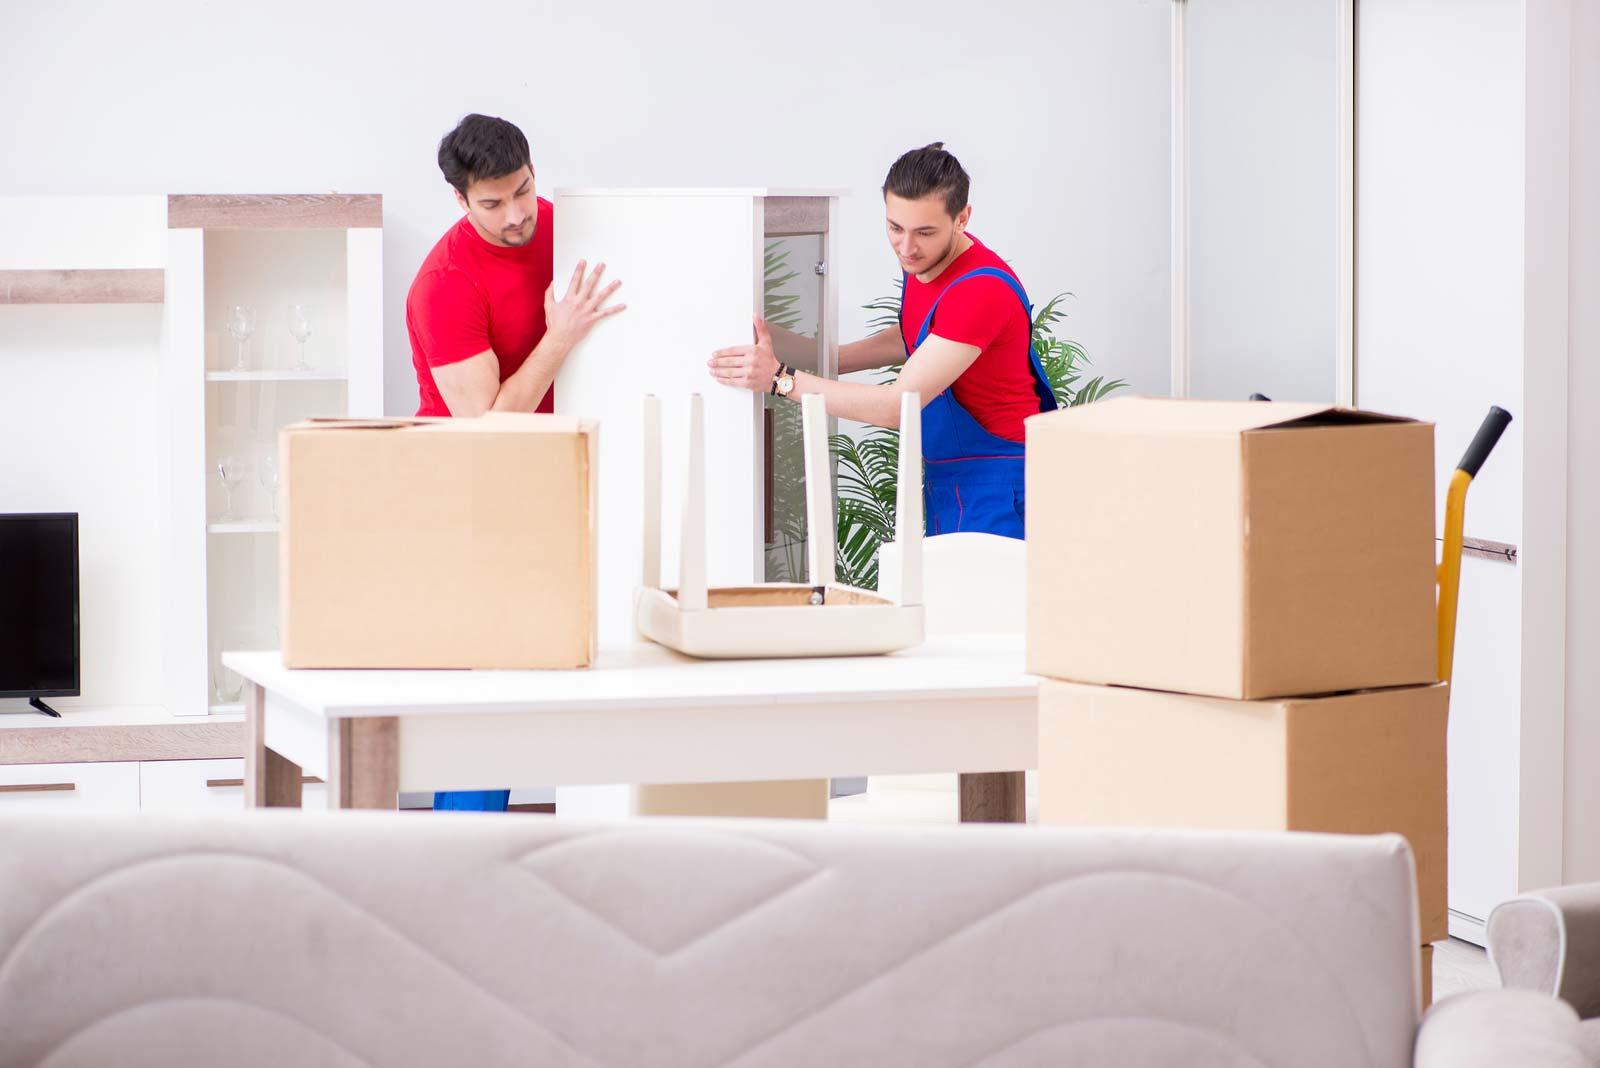 Des déménageurs enlèvent des boîtes en vue de l'entreposage d'une table.